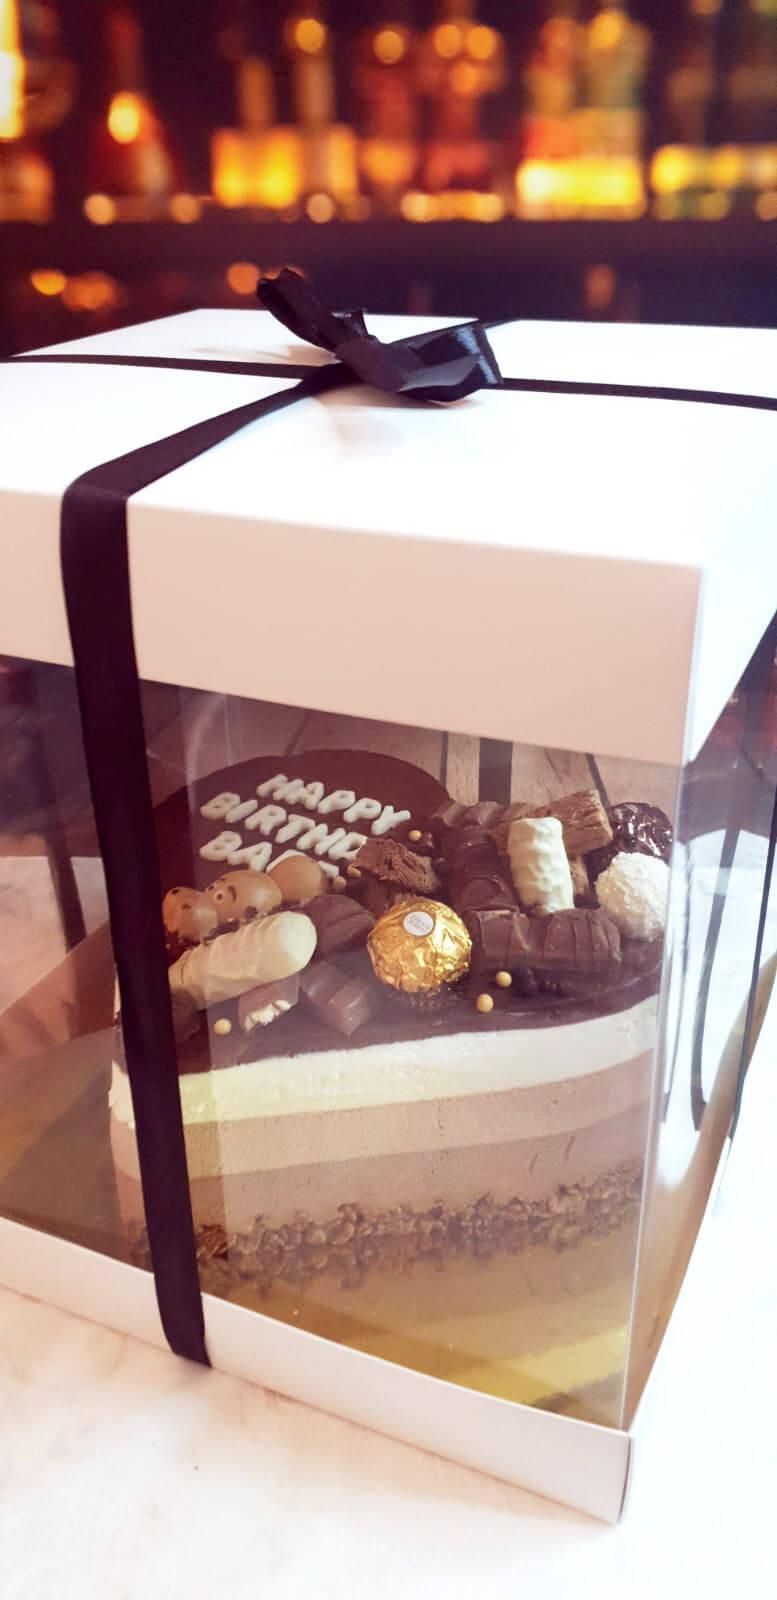 טריקולד ליום הולדת עם קופסה חגיגית